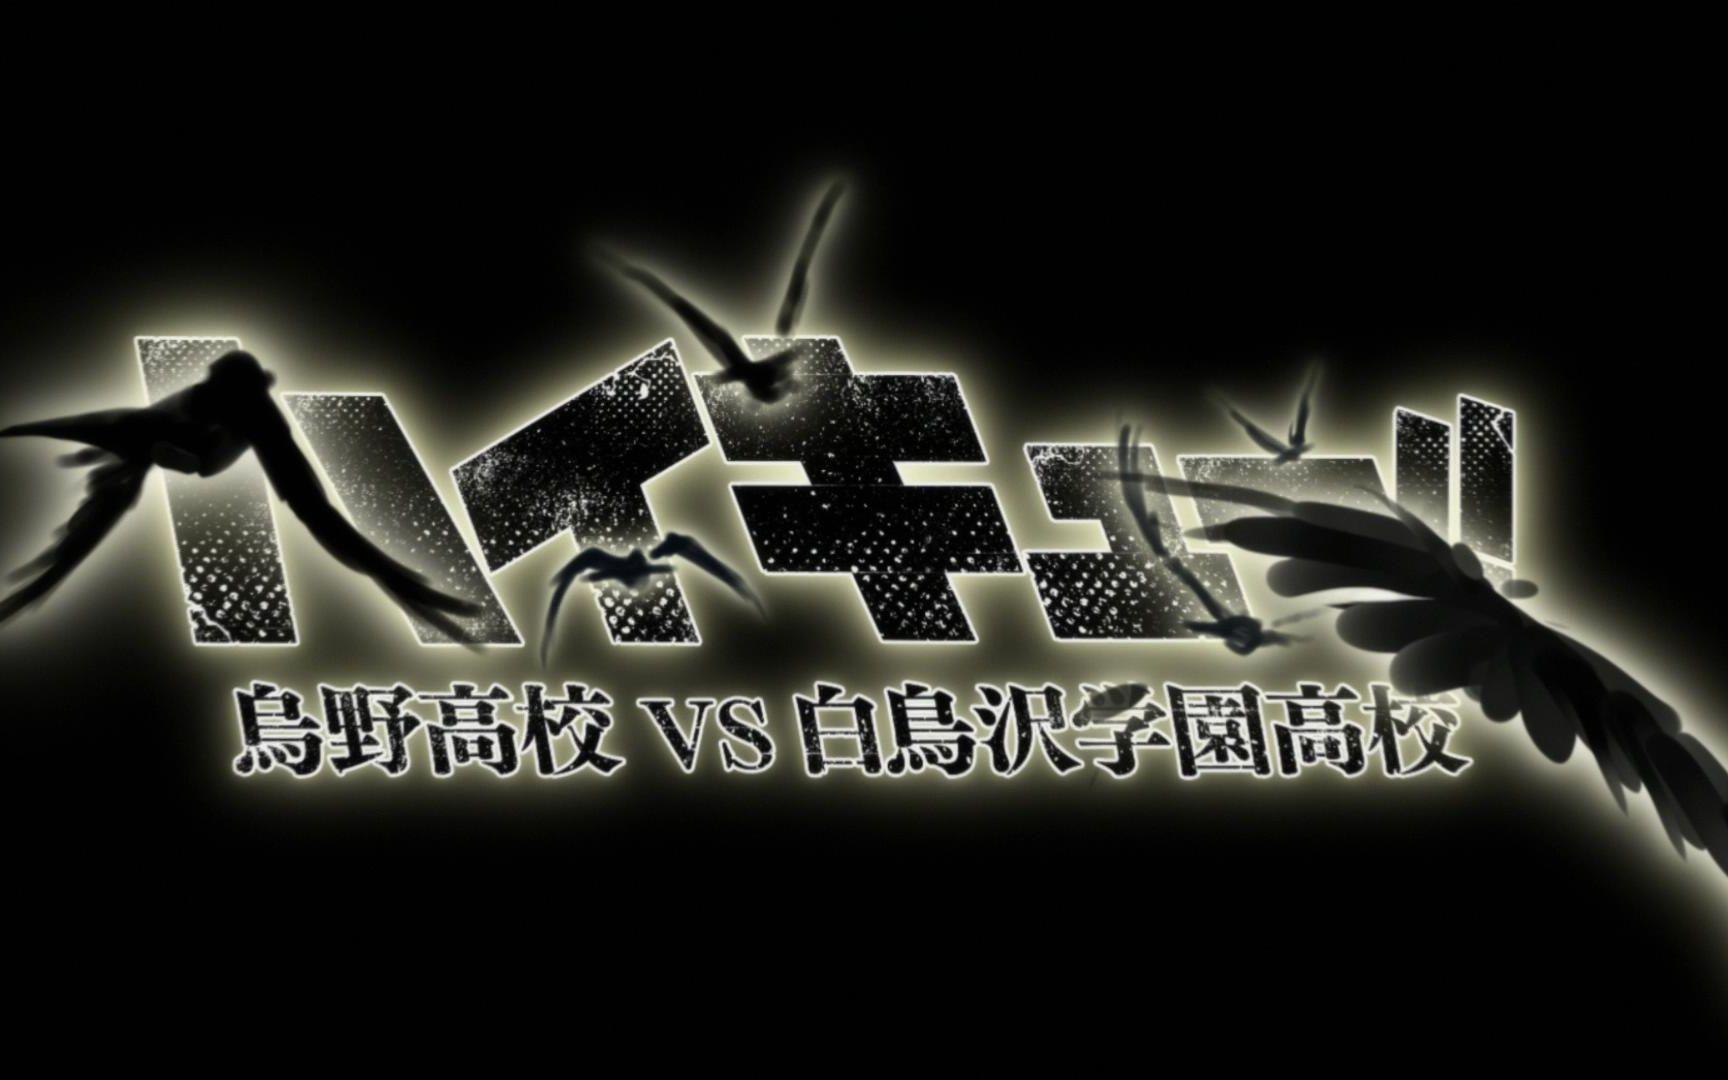 排球少年!! 乌野高校 VS 白鸟泽学园高校 NCOP + NCED